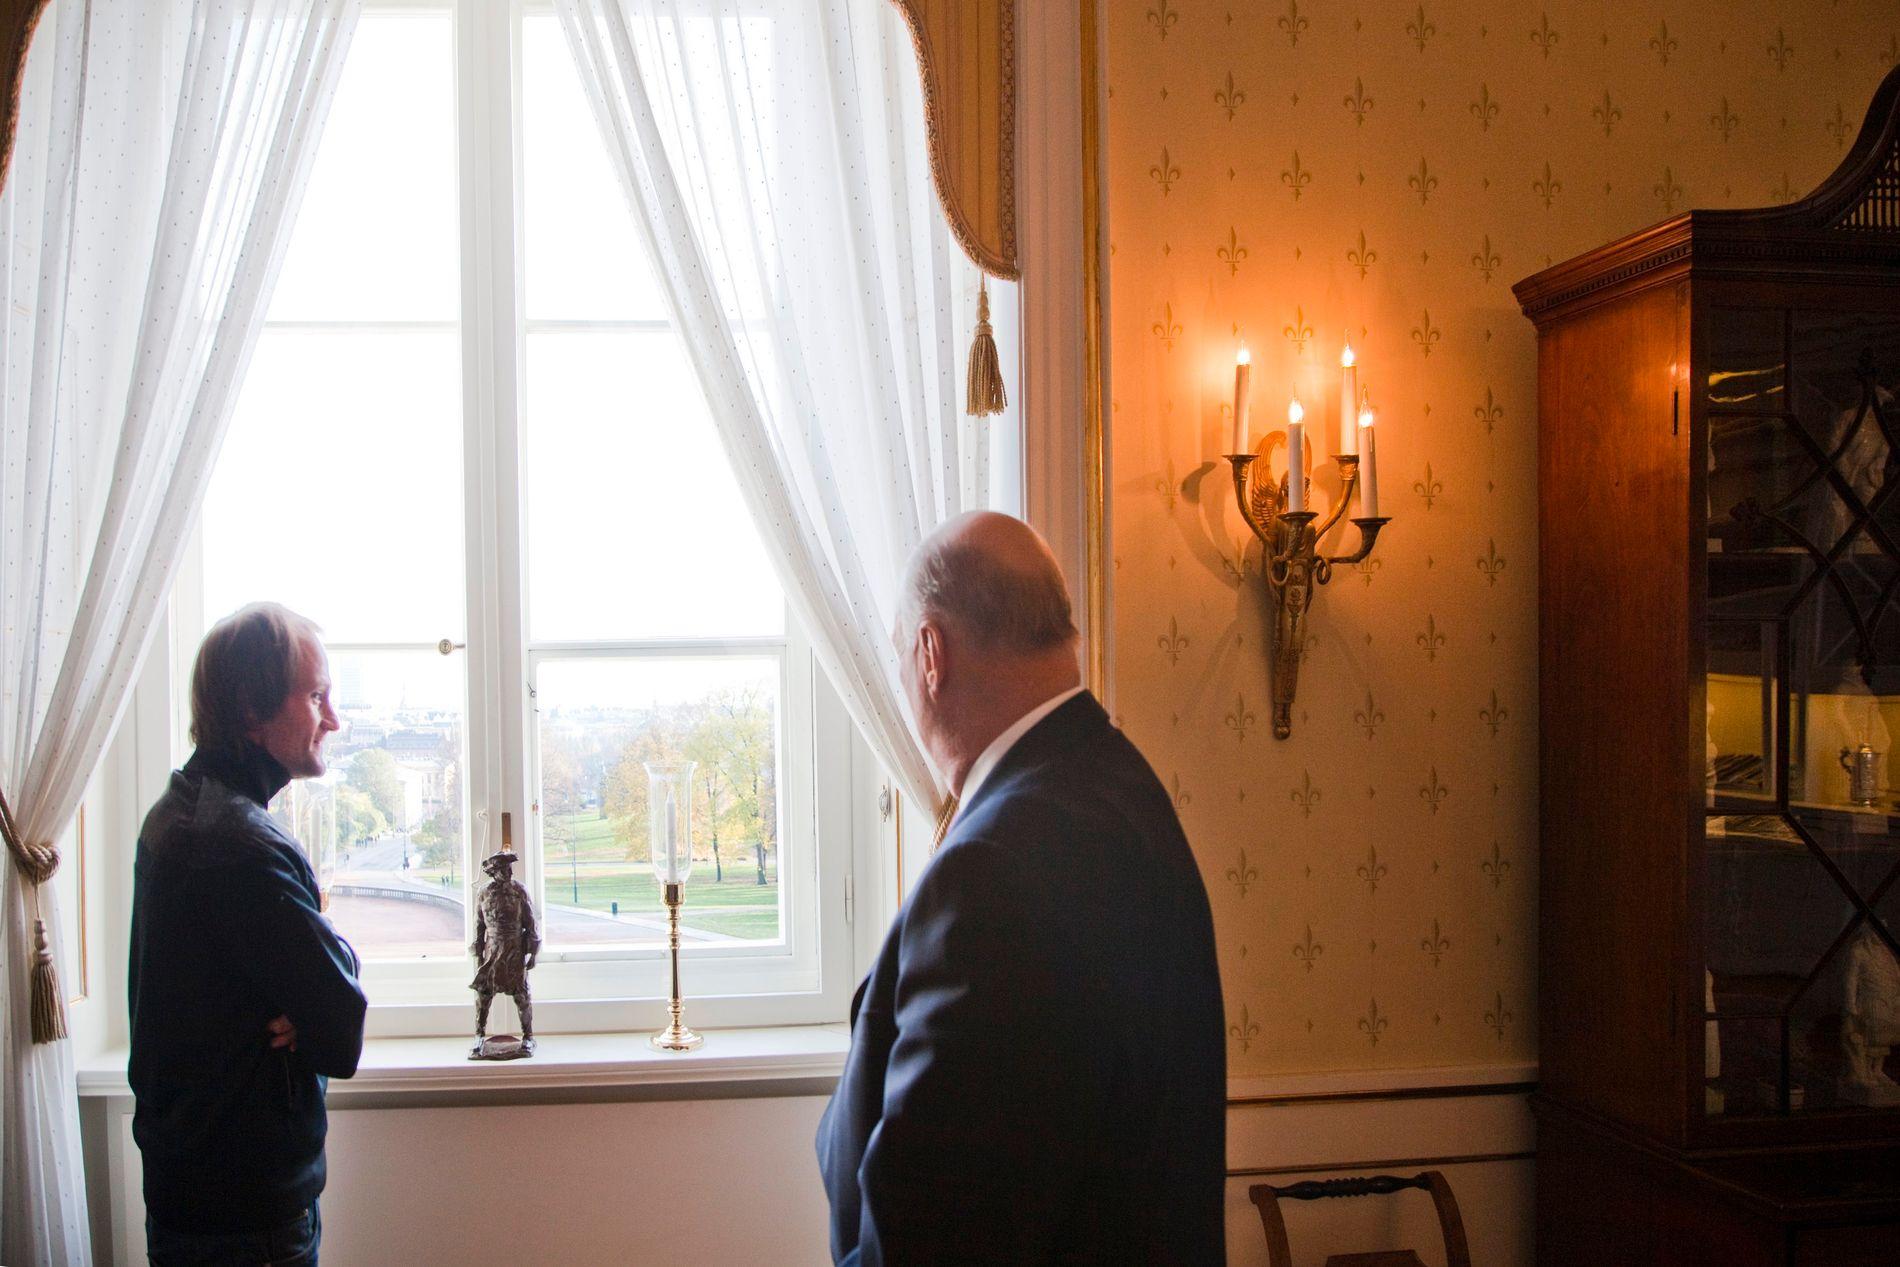 PÅ SLOTTET: Christer Modin intervjuet kong Harald på slottet for =Oslo.